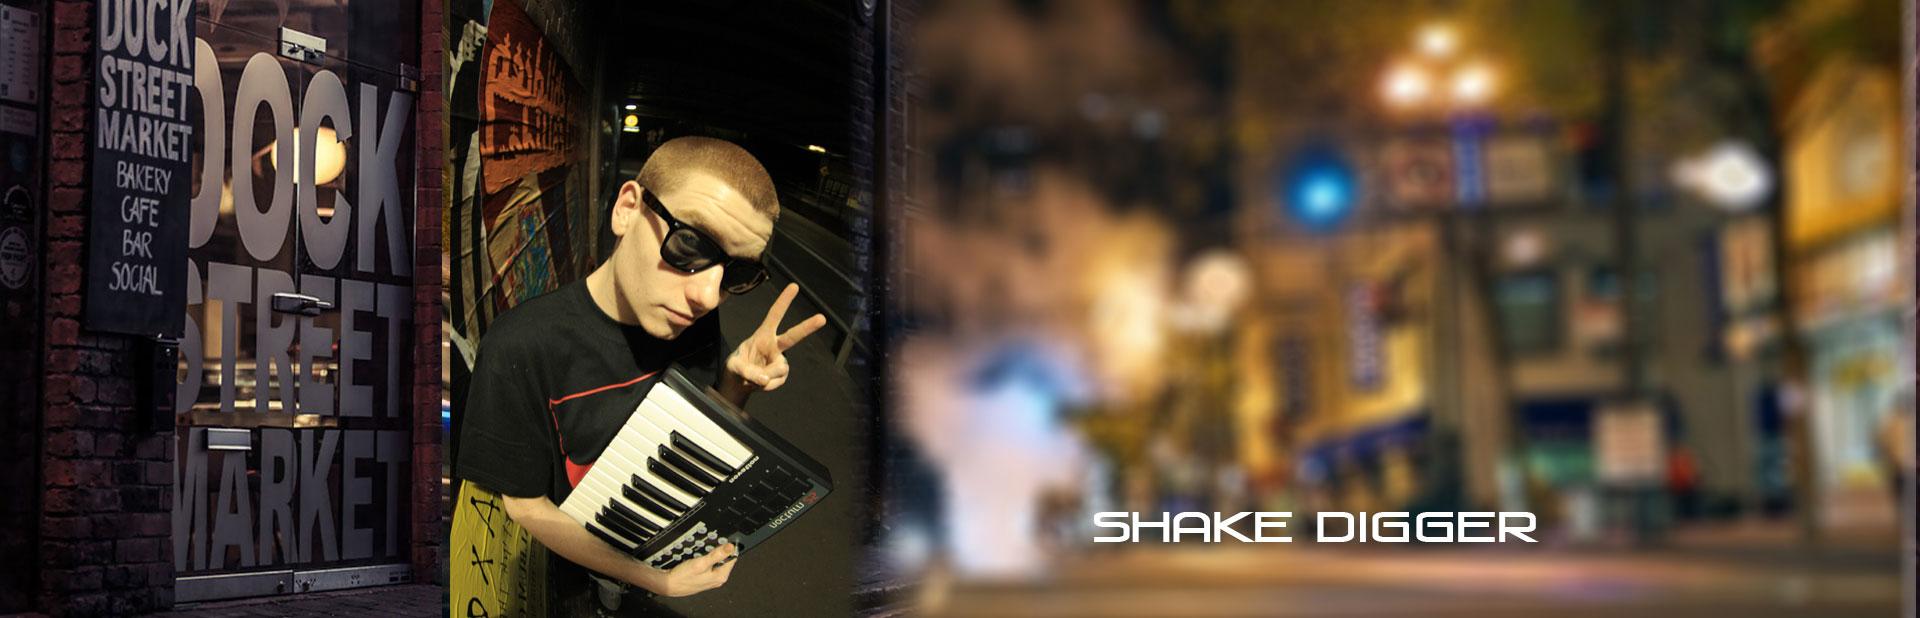 Shake Digger